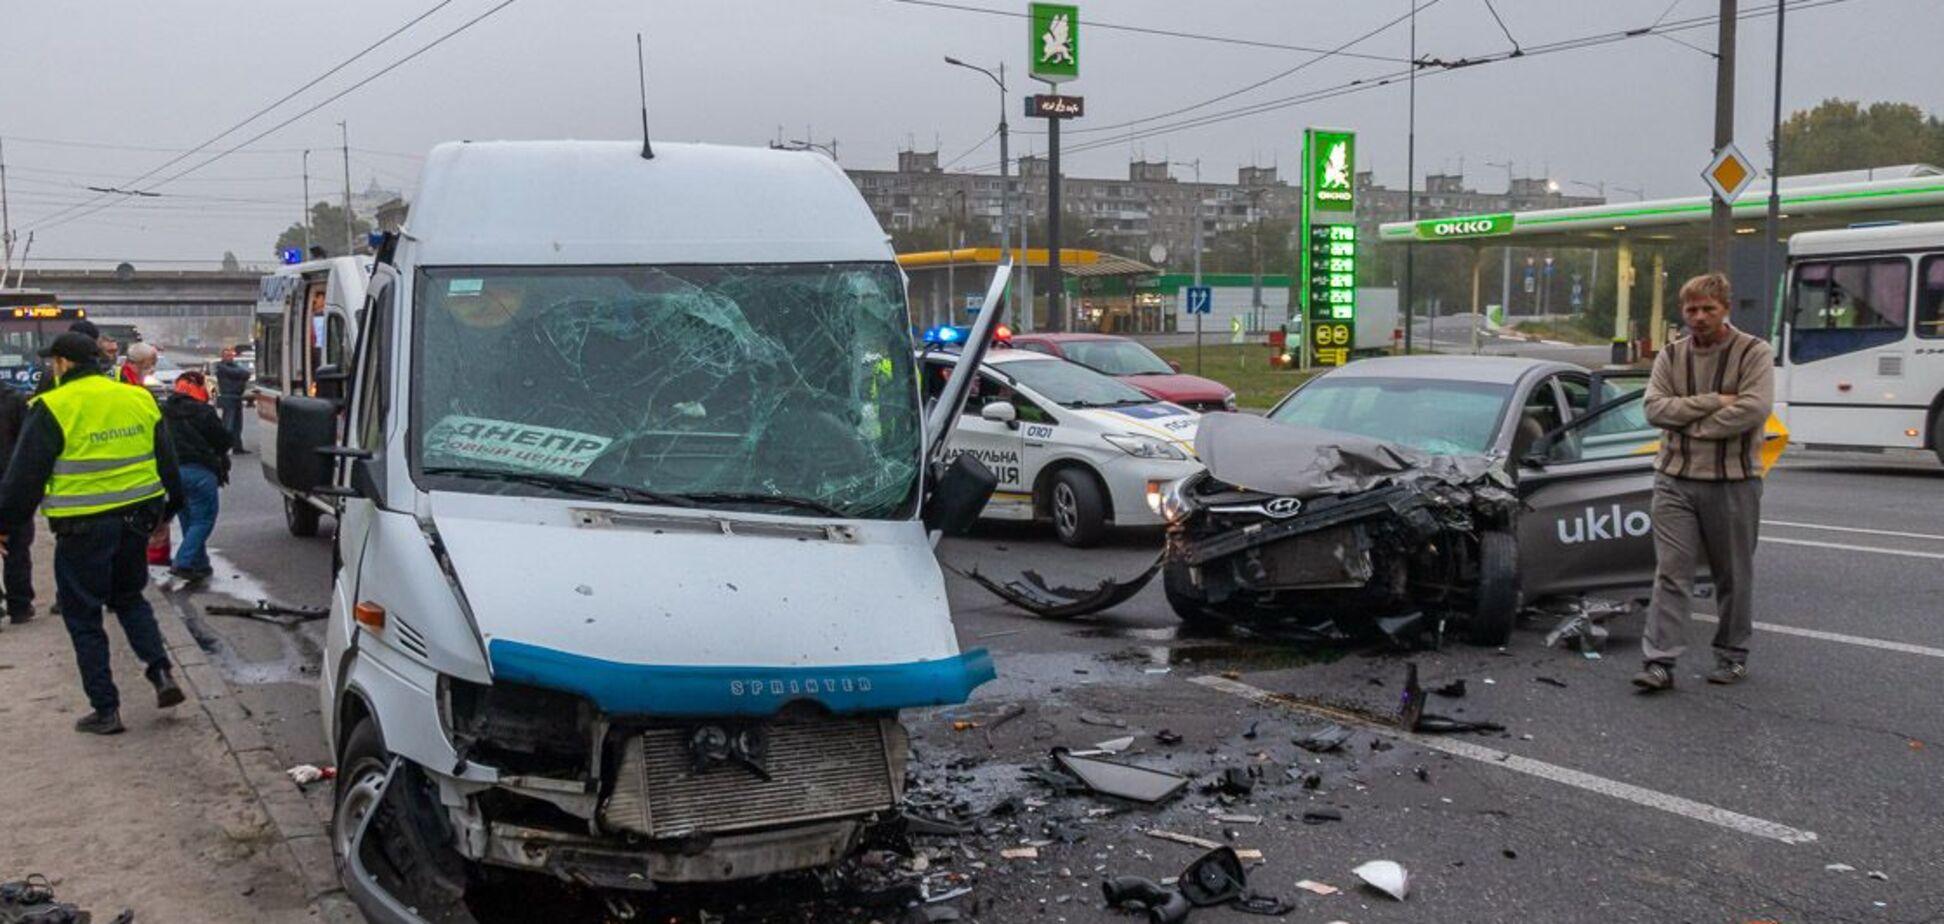 В Днепре таксист уснул за рулем и влетел в маршрутку, есть пострадавшие. Фото